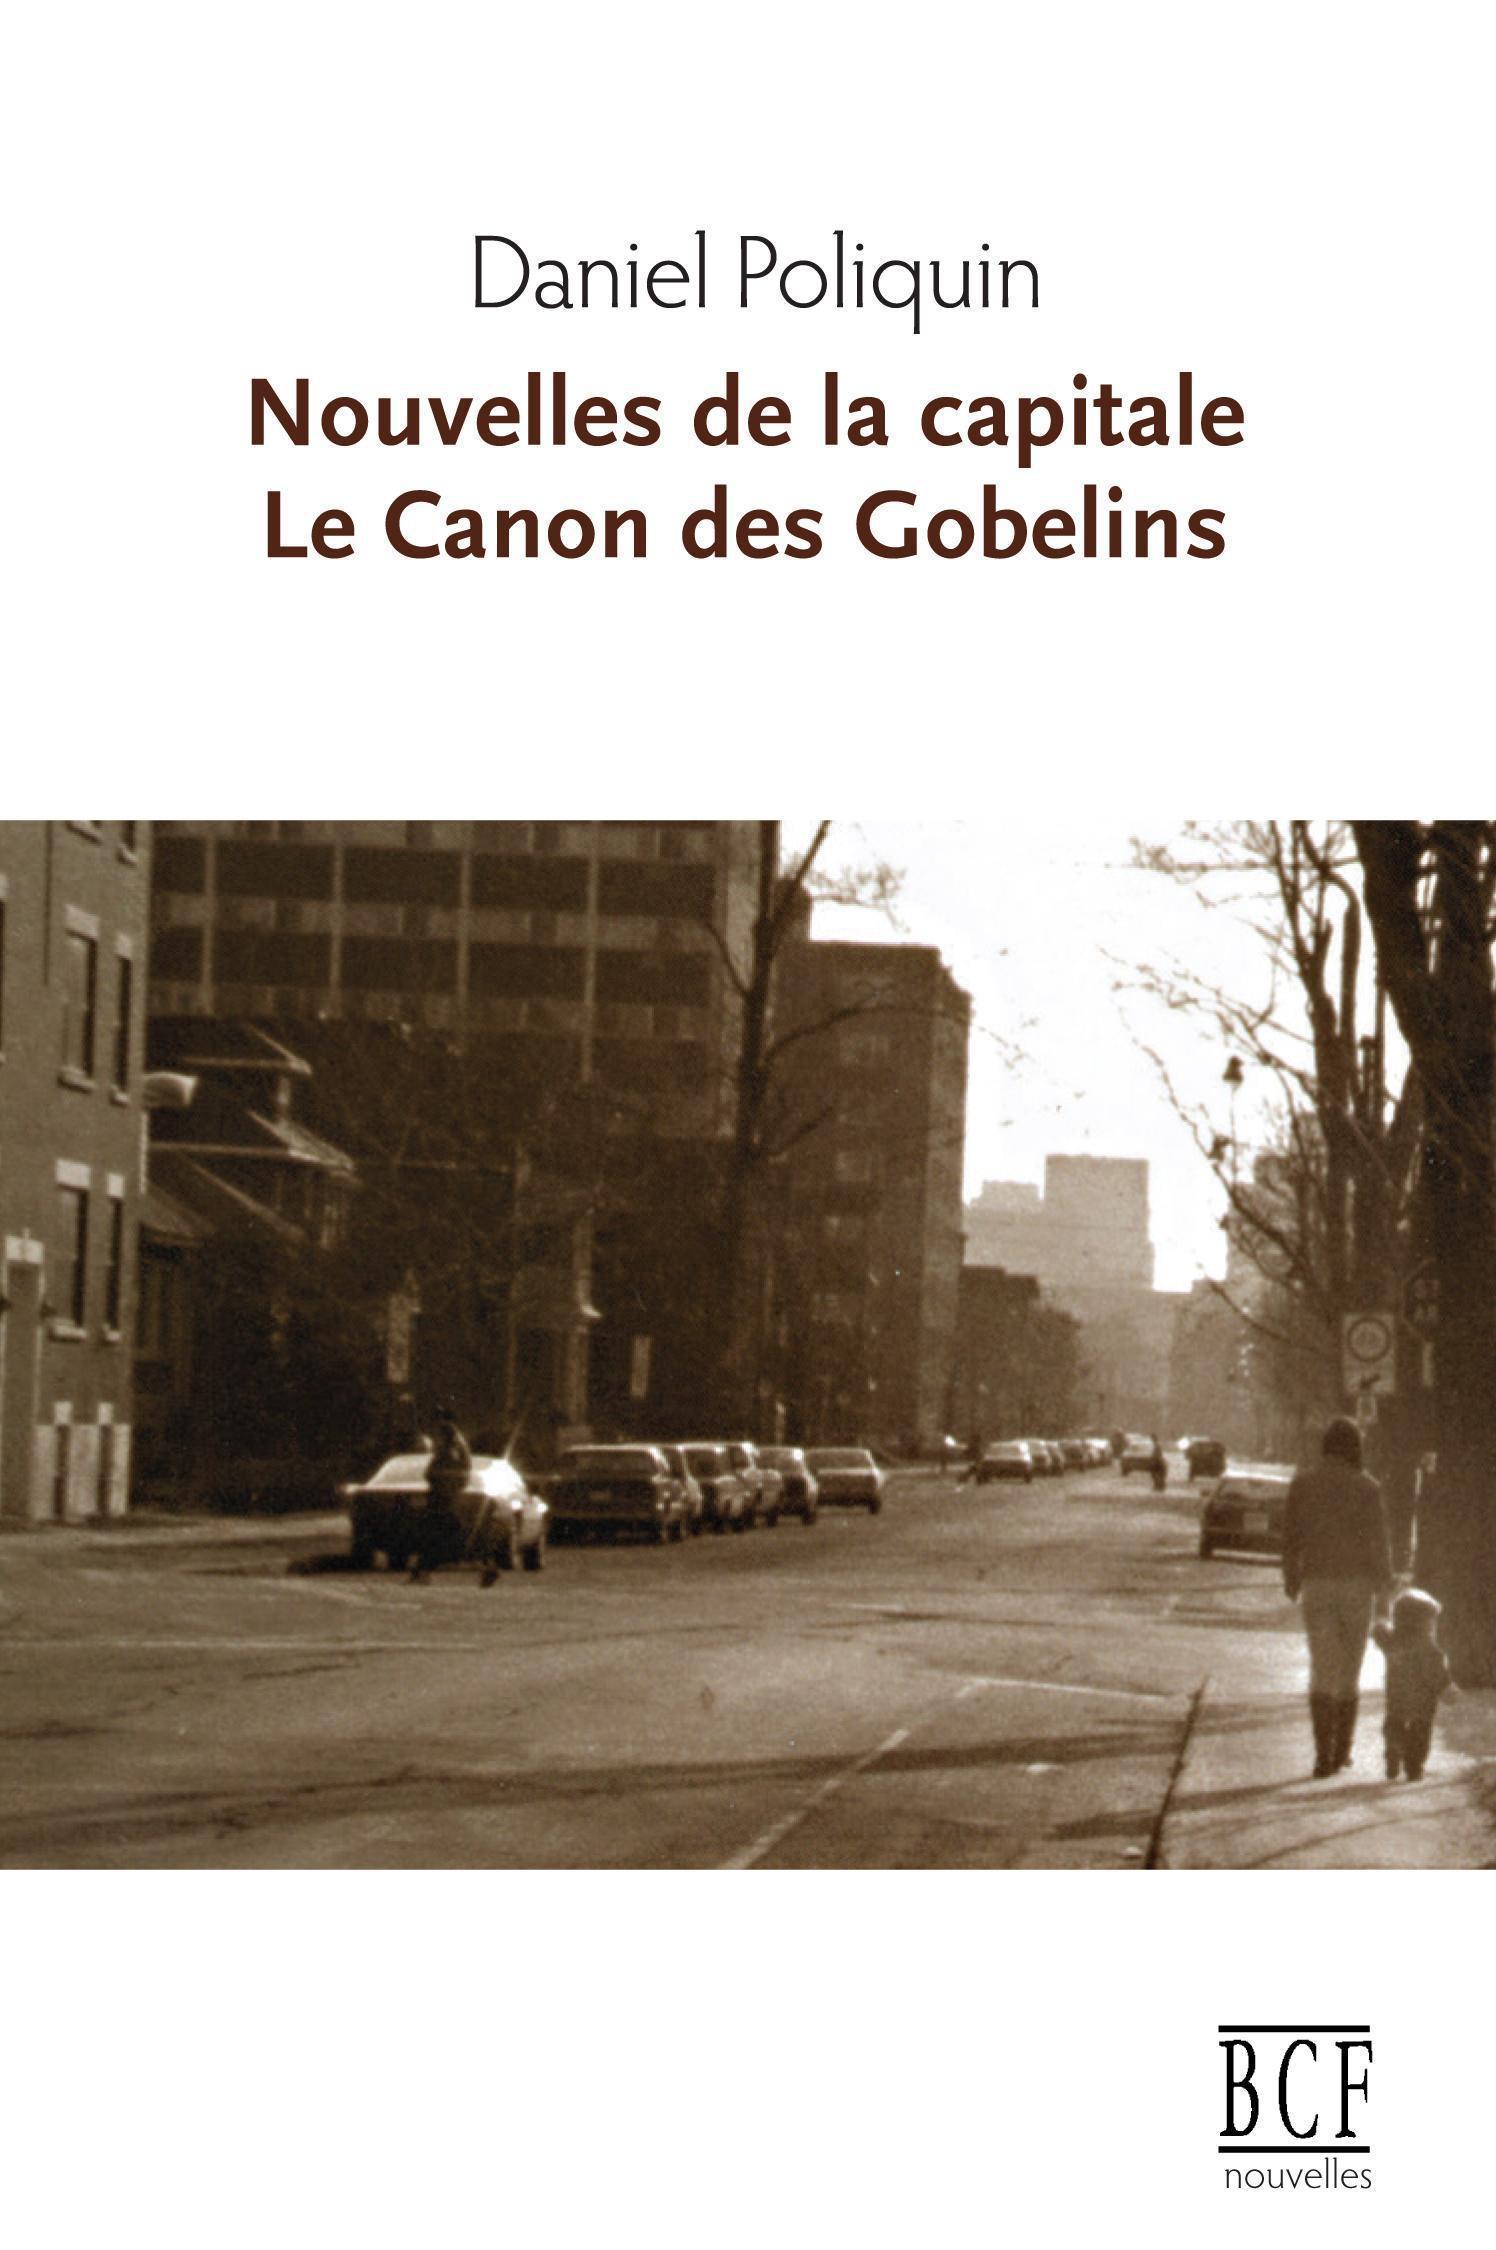 Couverture : Nouvelles de la capitale suivi de Le canon des Gobelins Daniel Poliquin